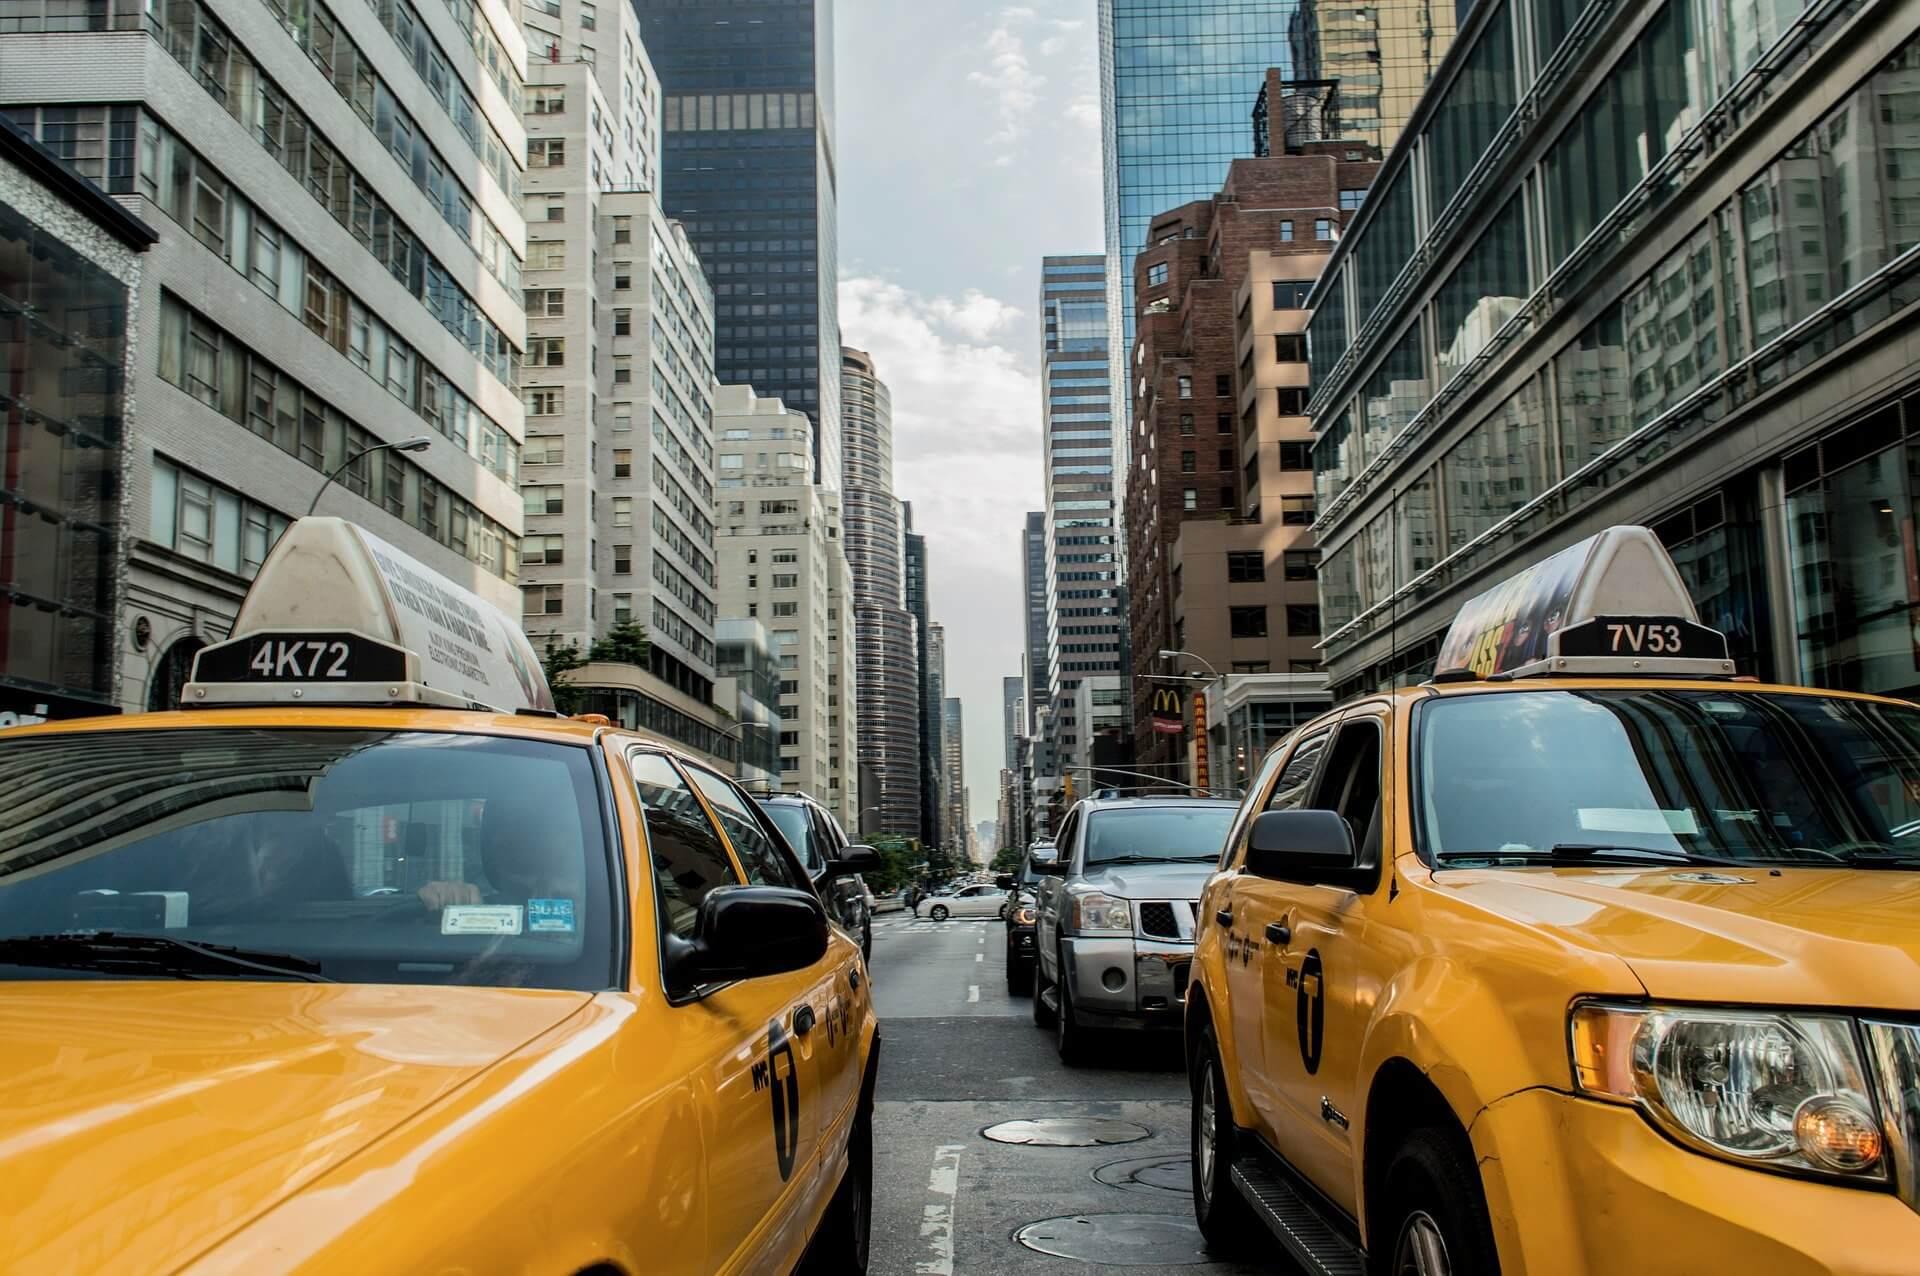 taxi-381233_1920 (7)